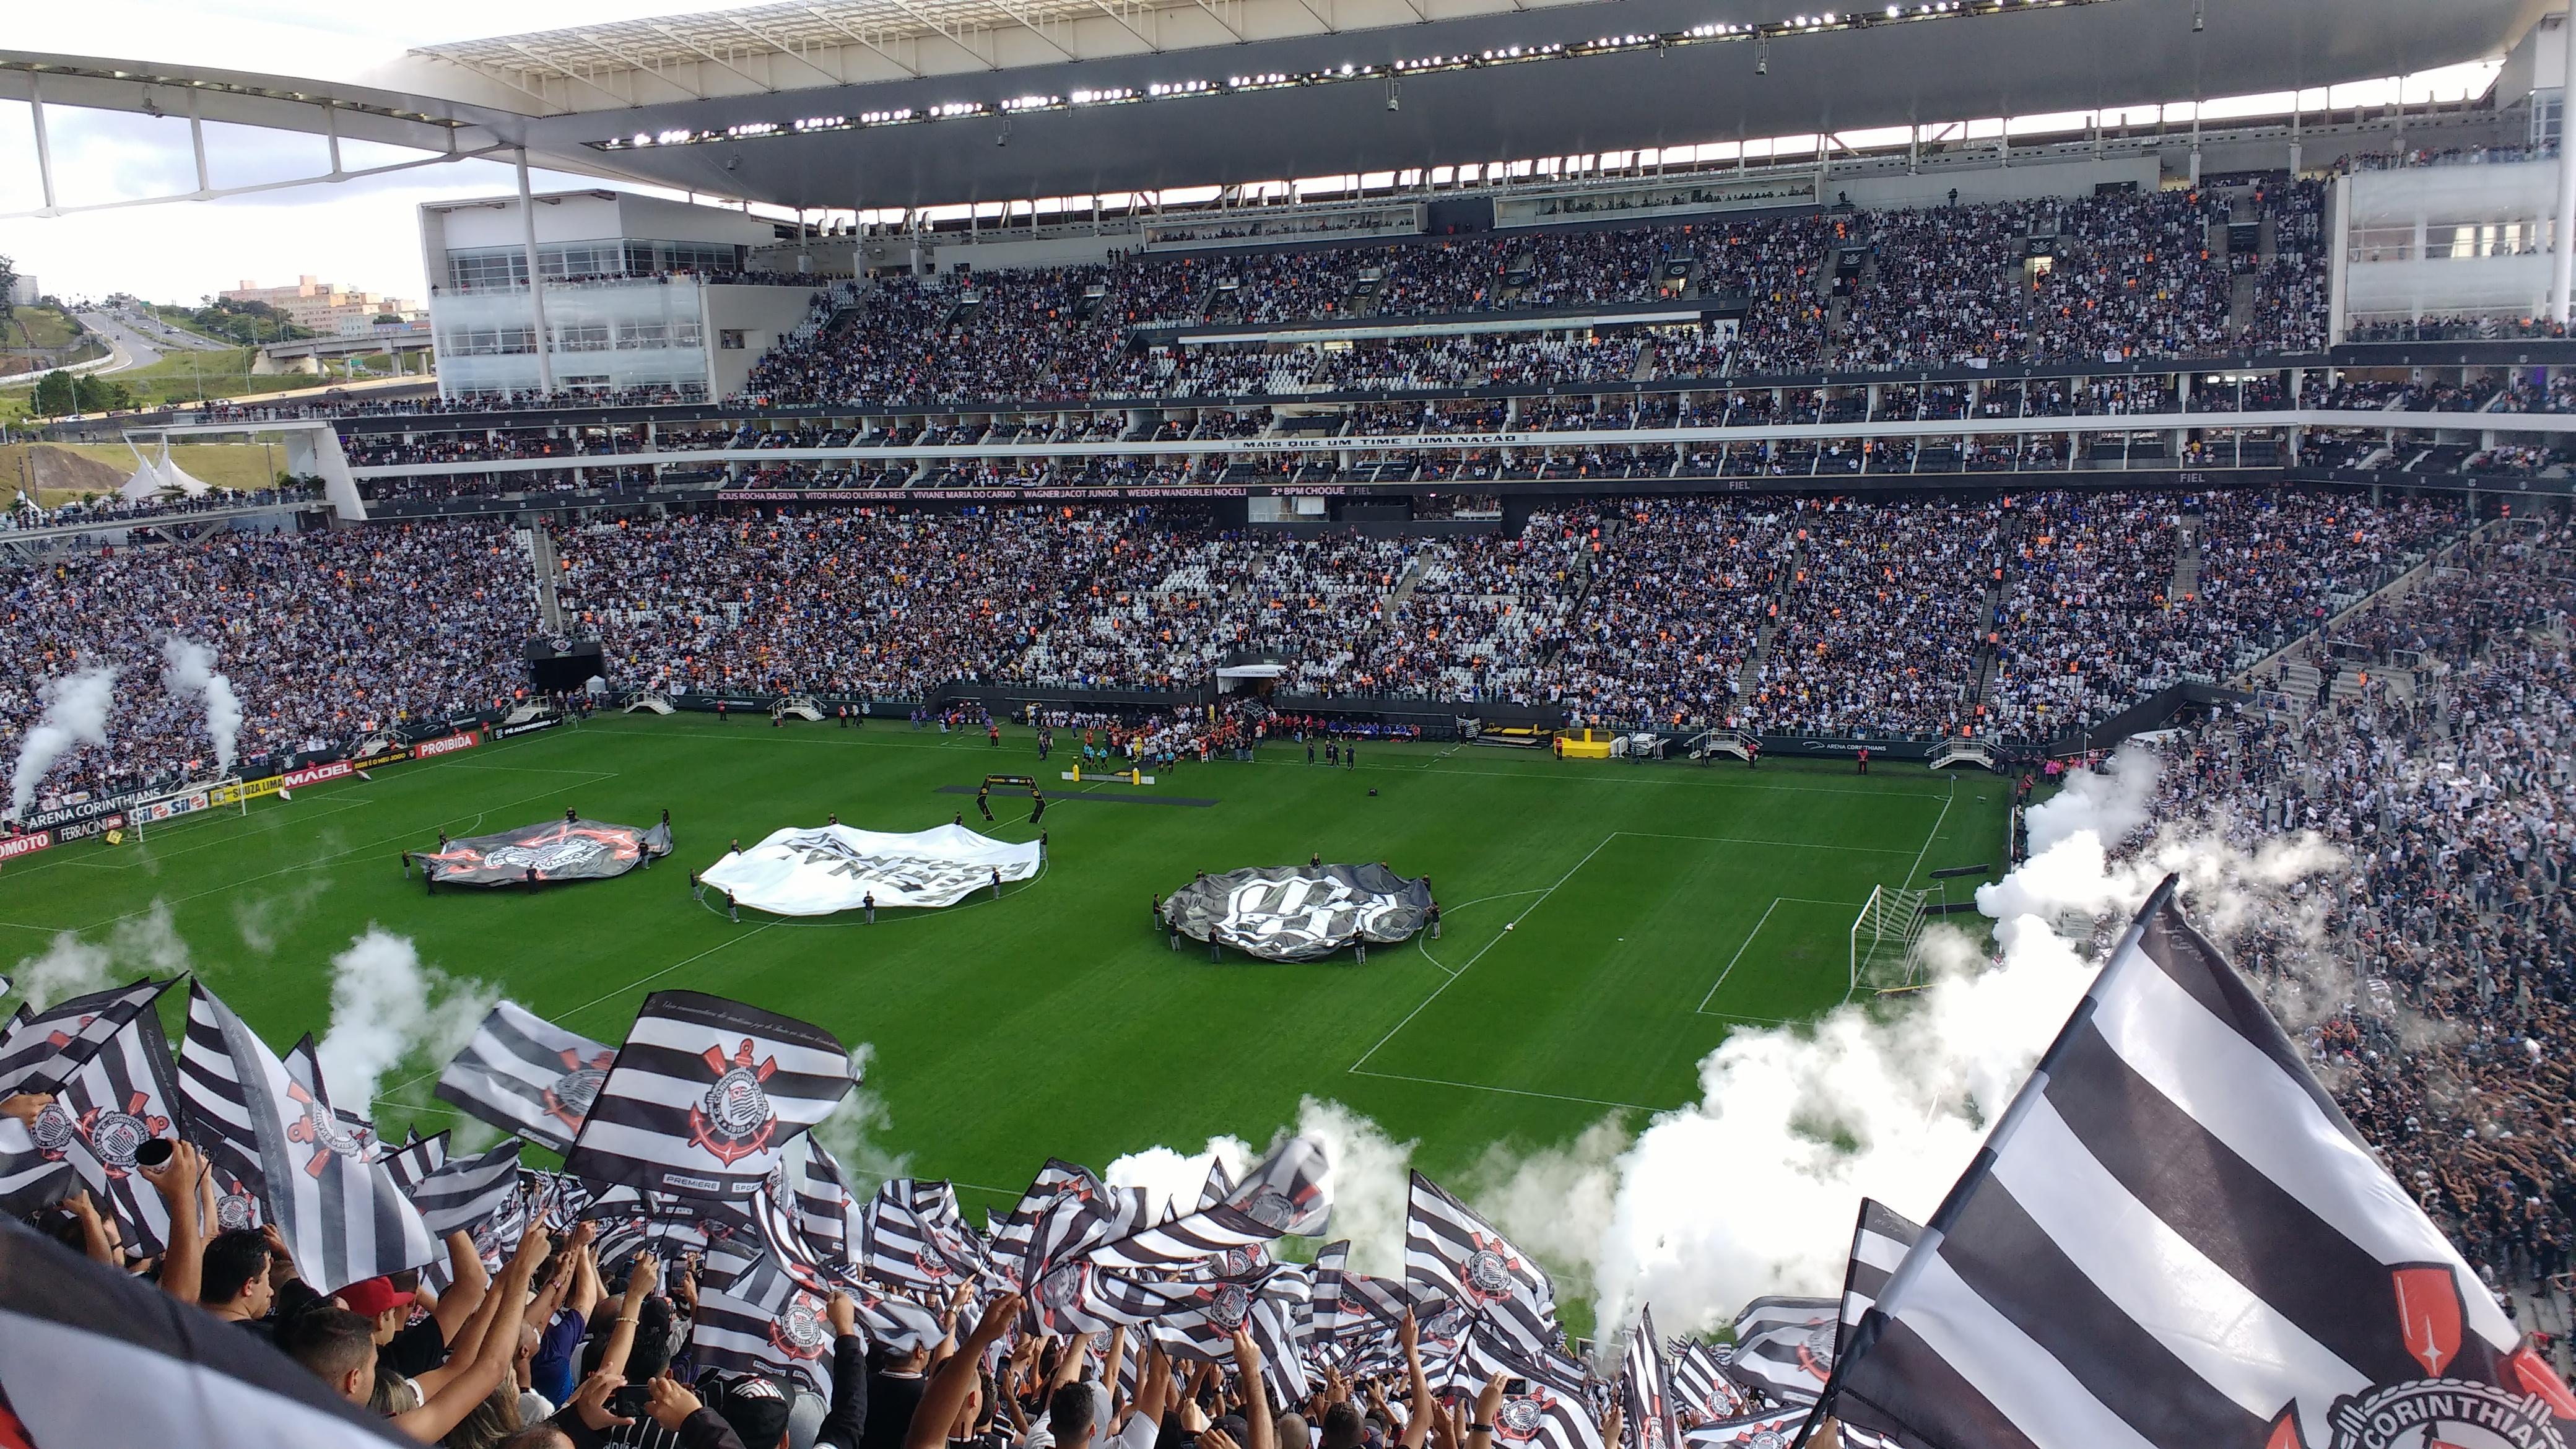 2e84242f86 Confrontos entre Corinthians e Fluminense no futebol – Wikipédia